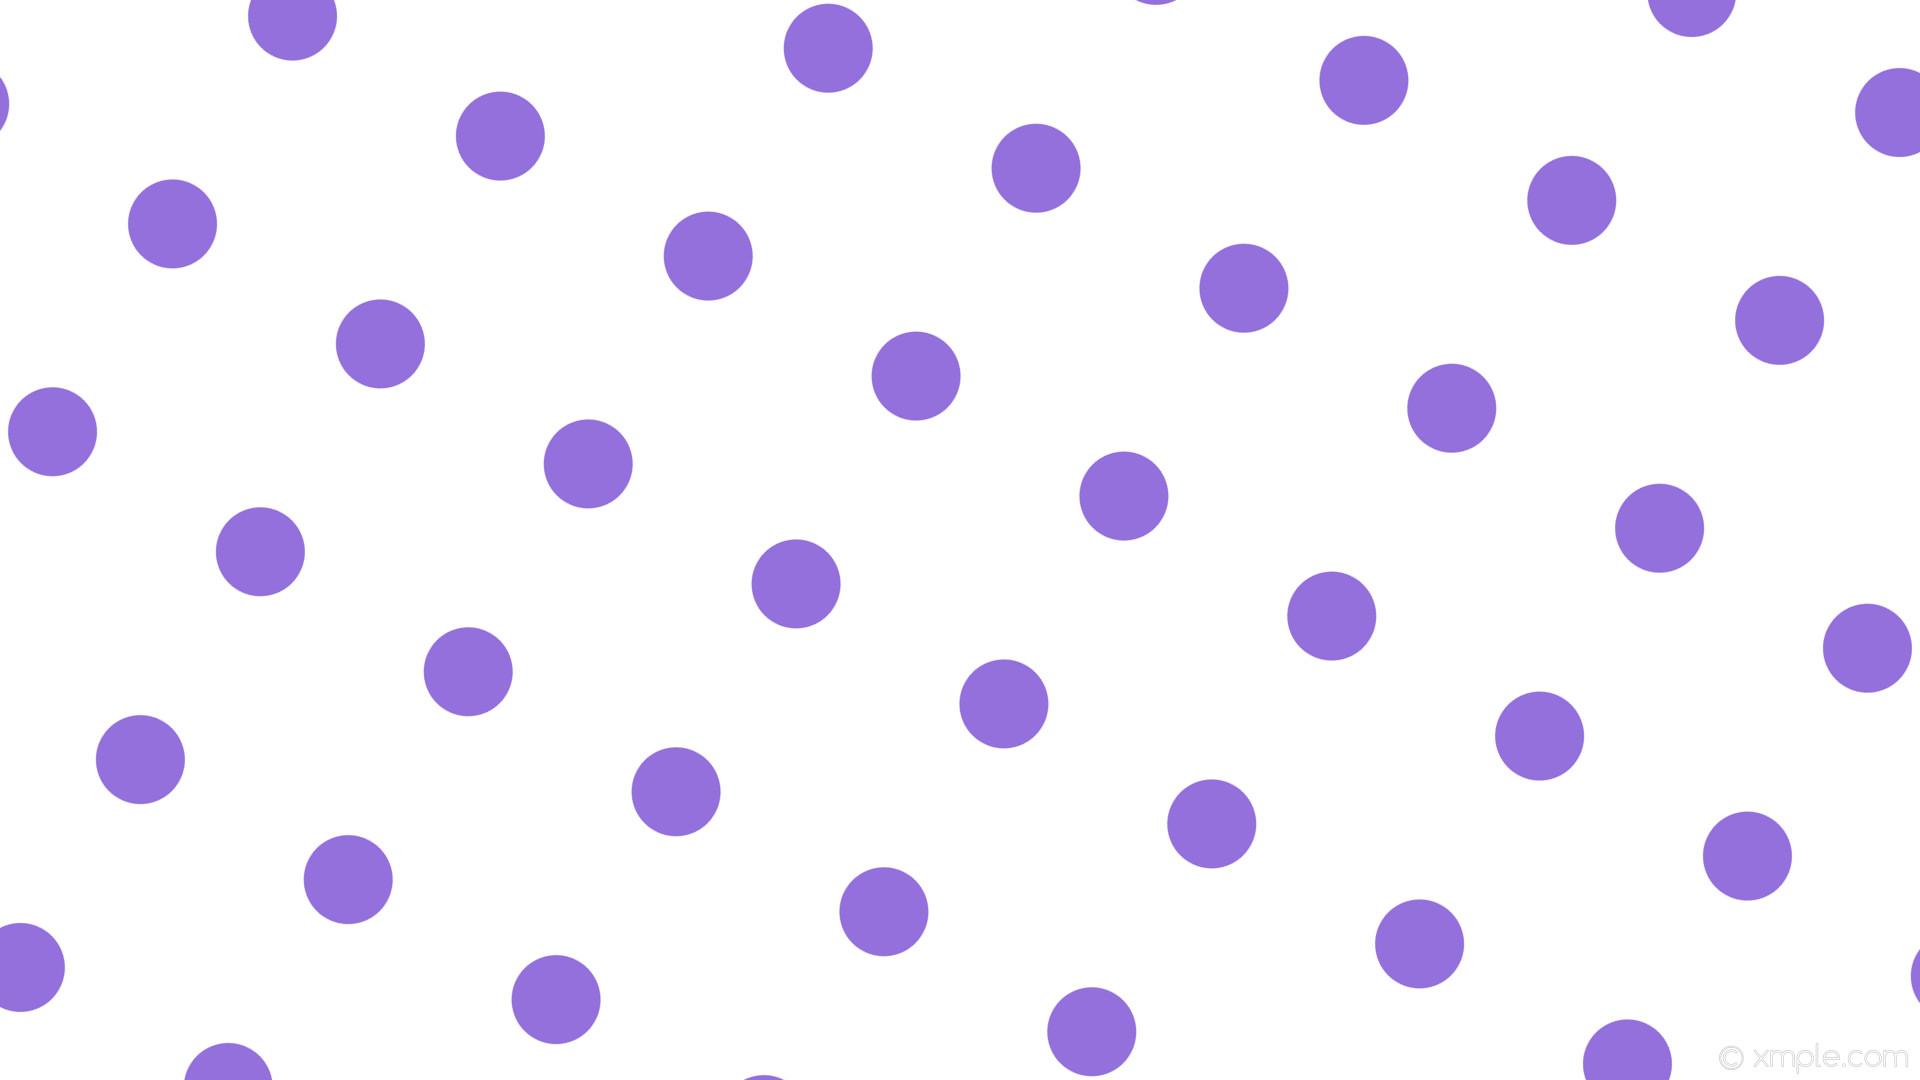 wallpaper white polka dots purple spots medium purple #ffffff #9370db 150°  89px 240px